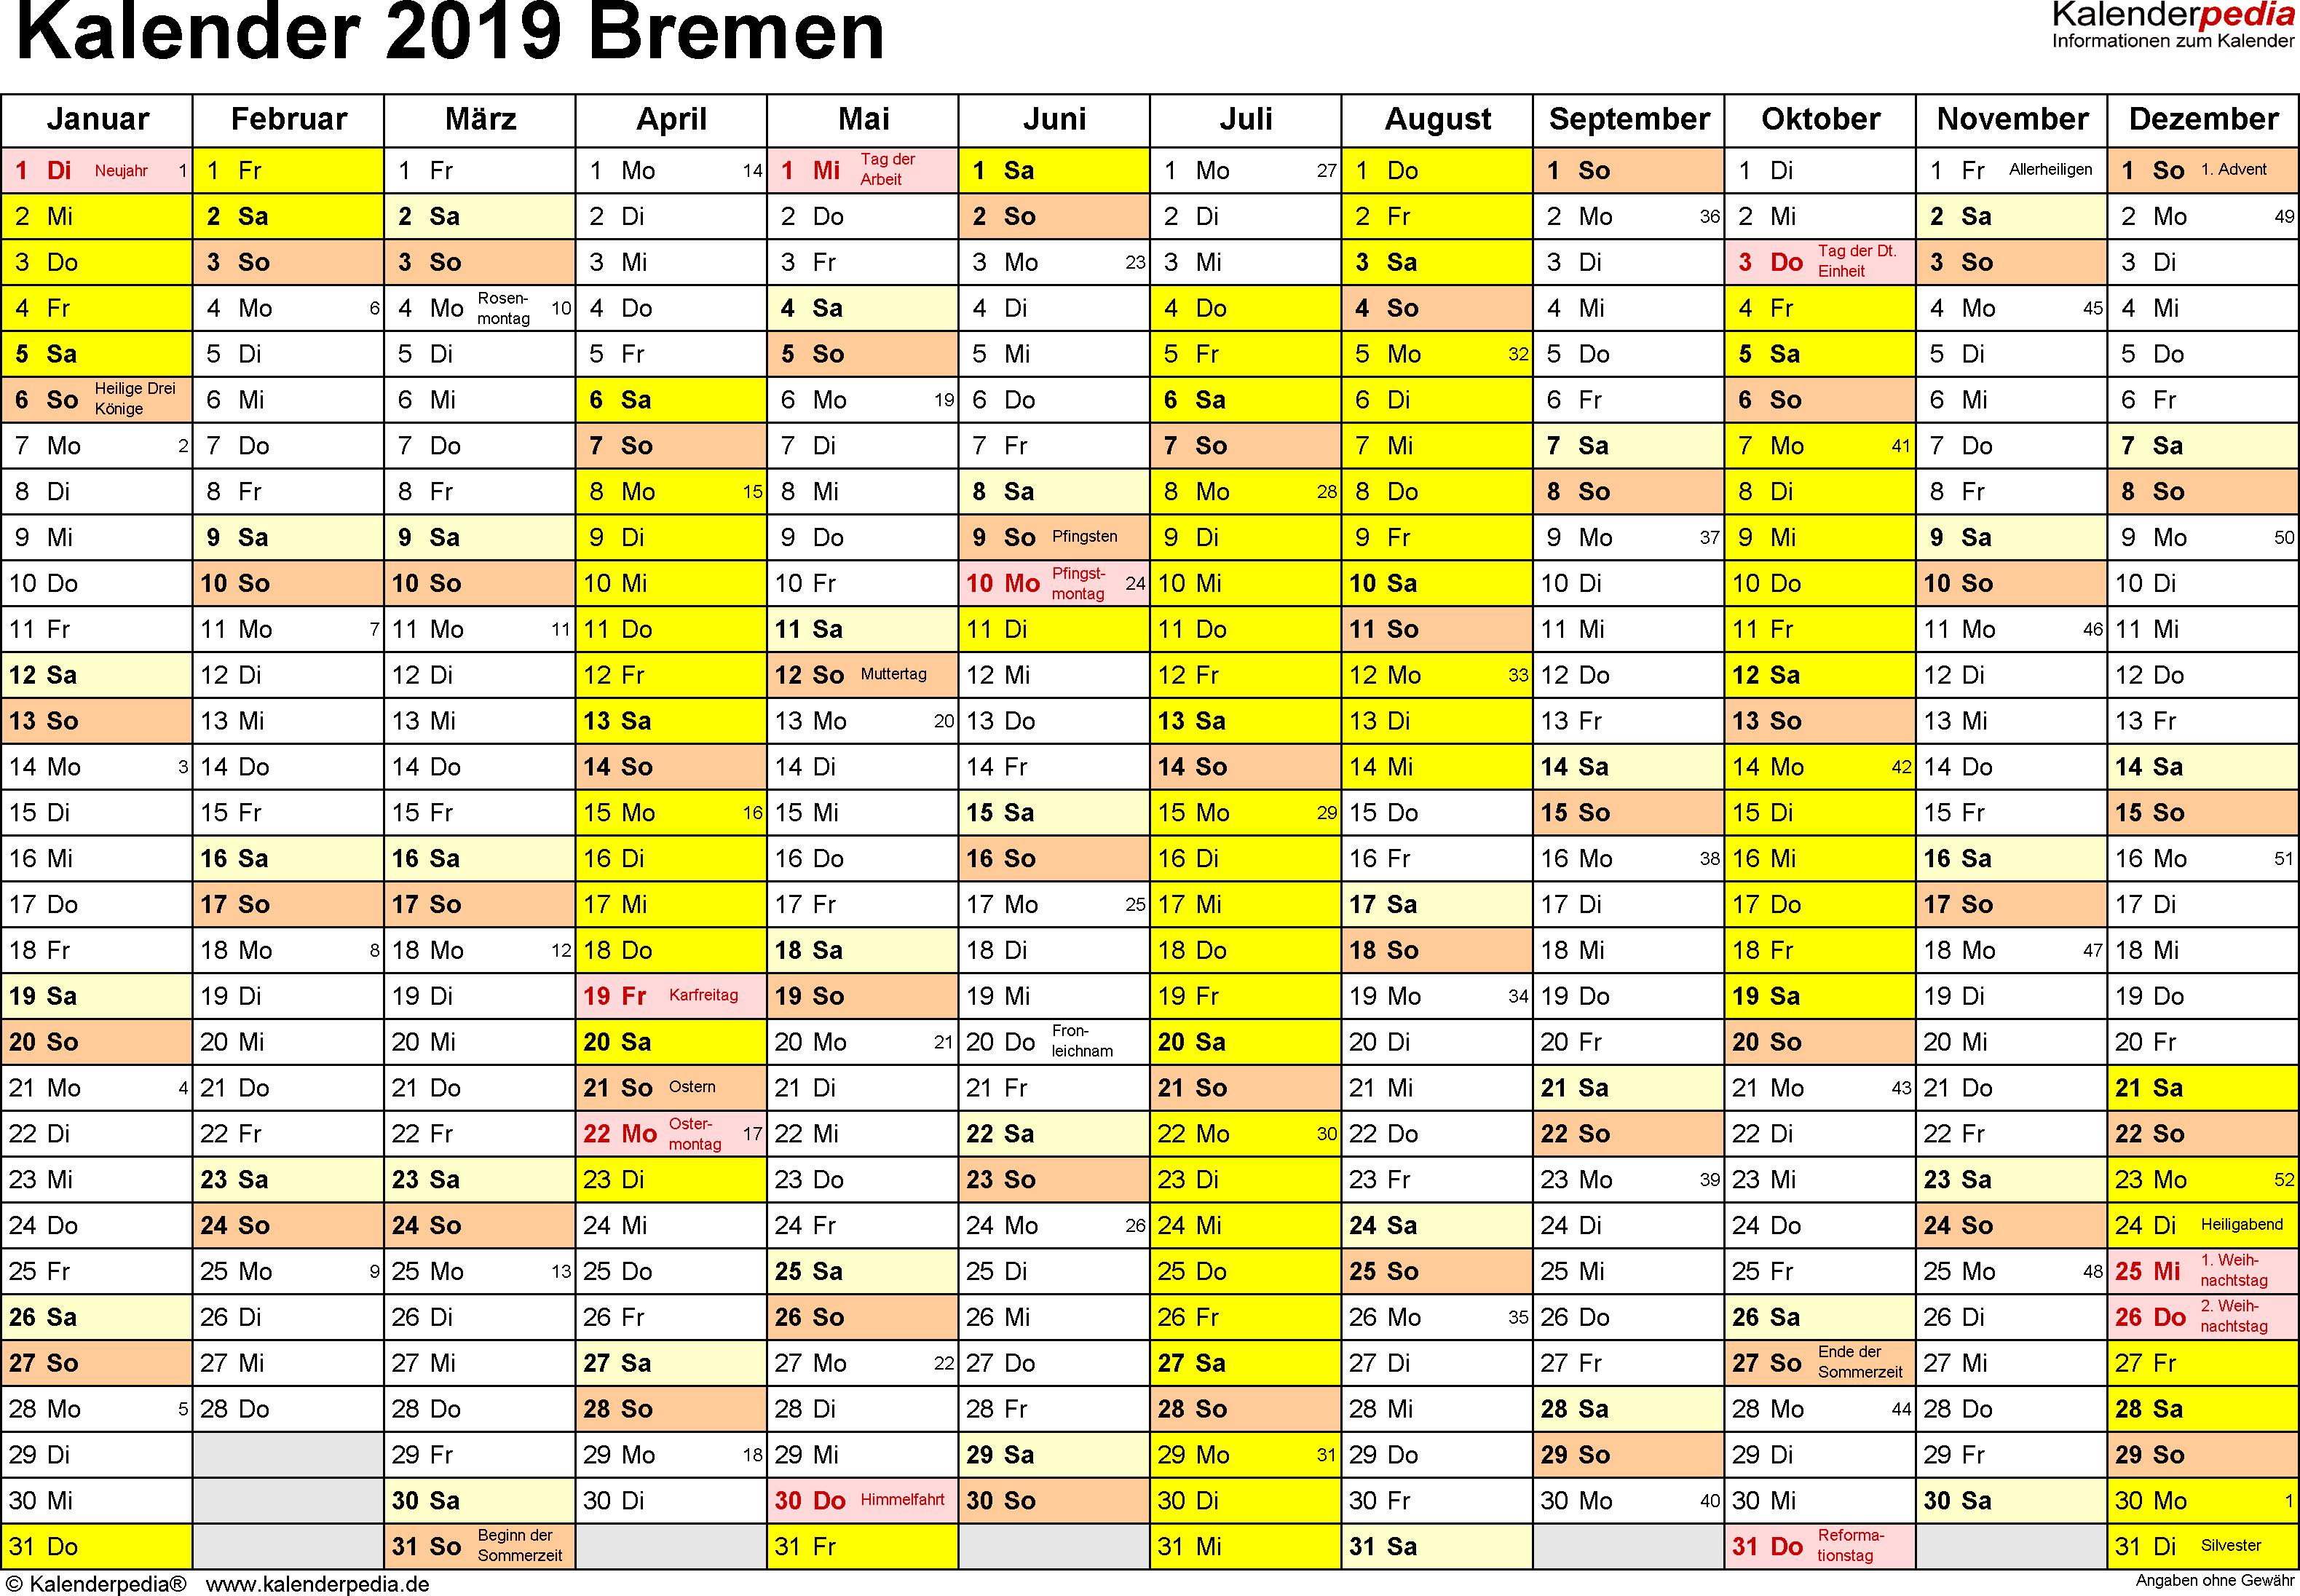 Kalender 2019 Bremen